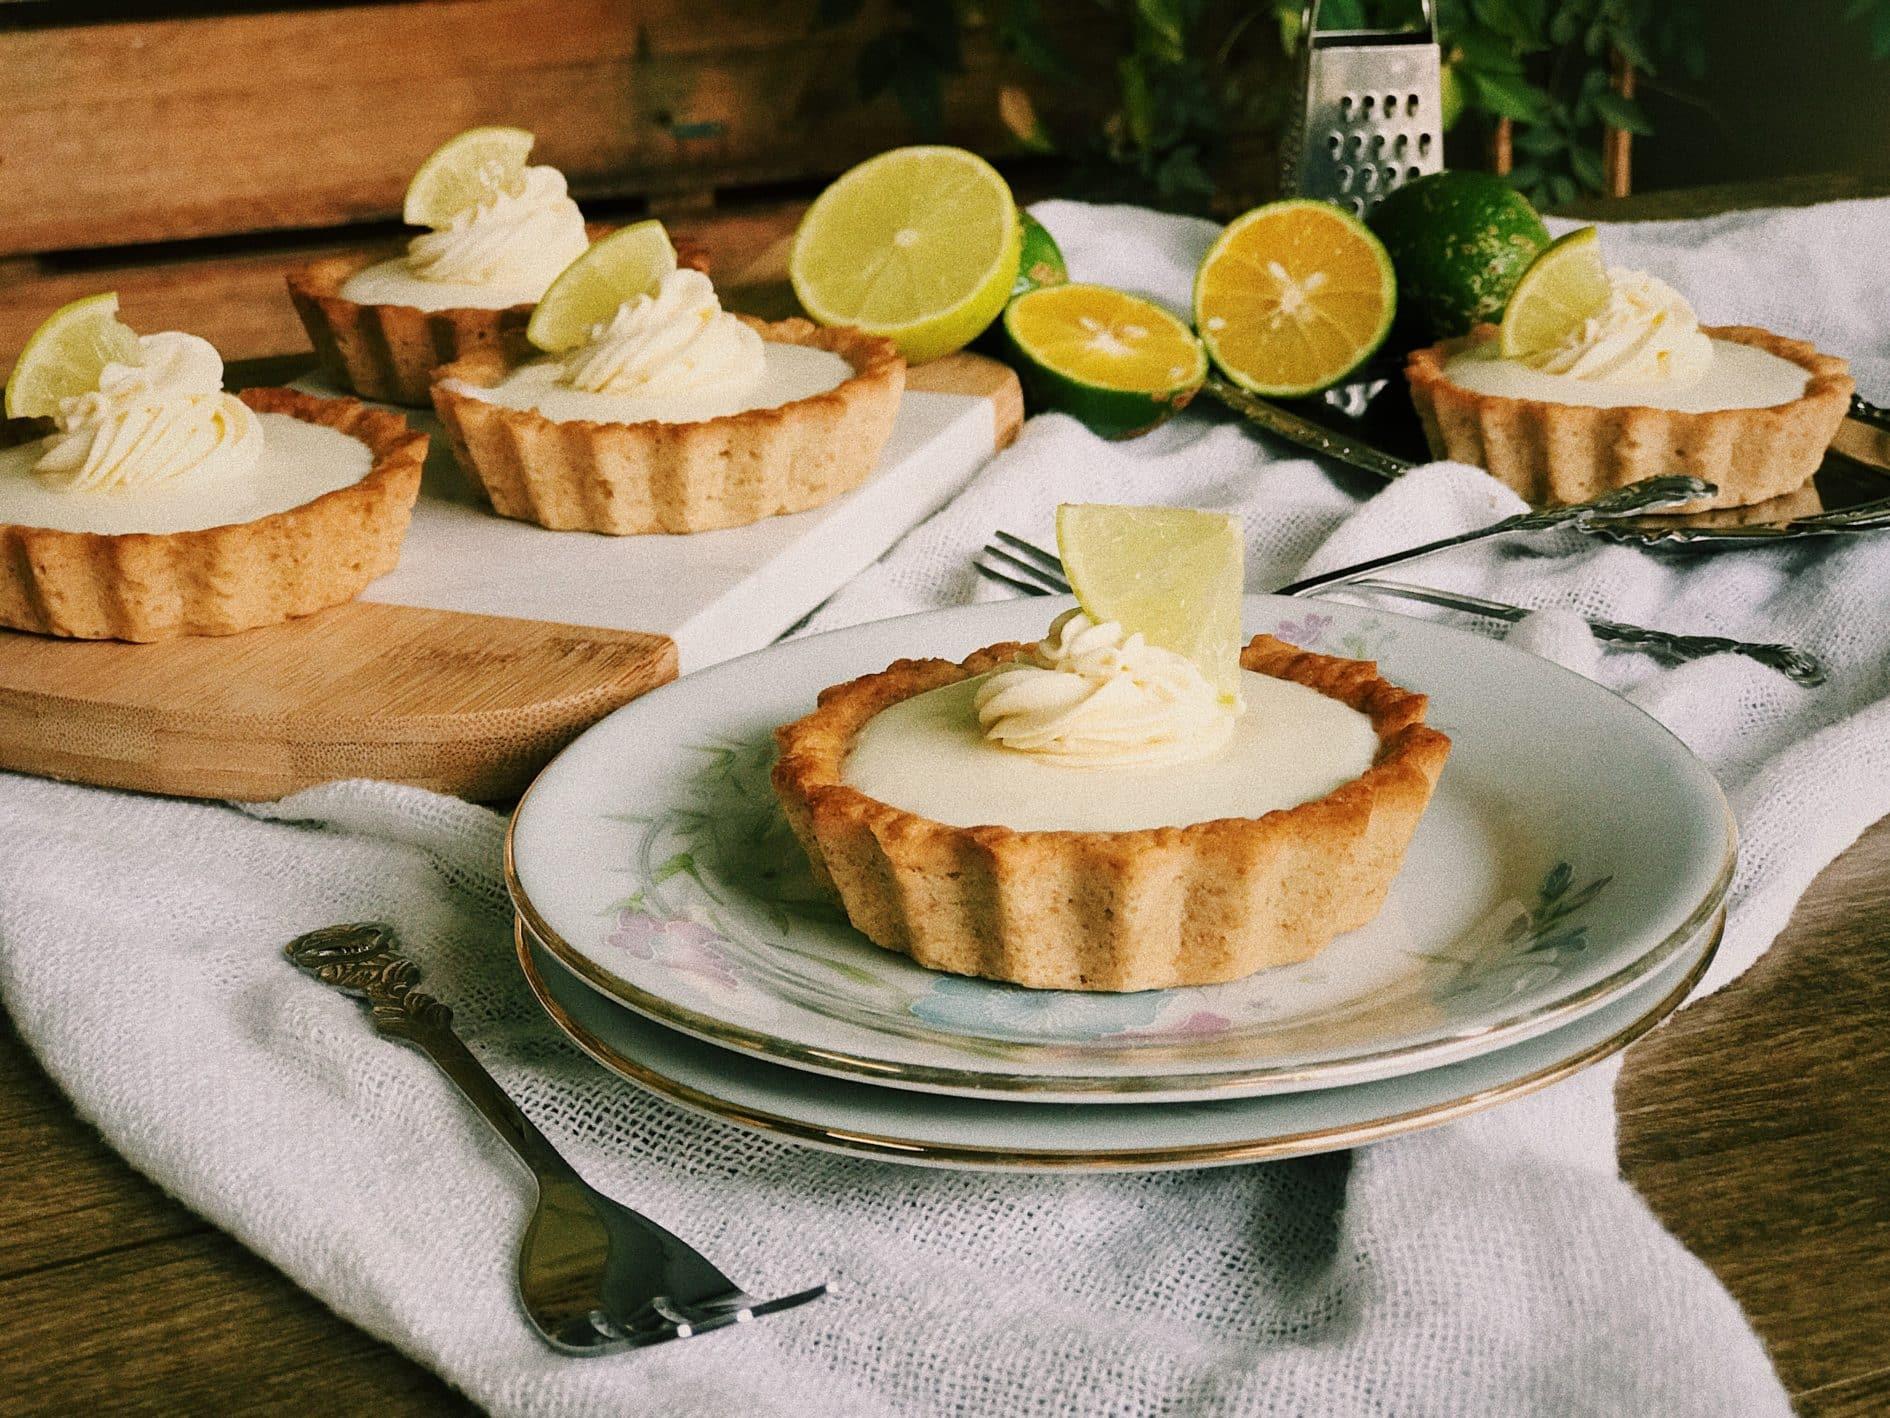 Veja 16 sobremesas de limão deliciosas para refrescar-se no calor. Tem pavês, sorvete, gelado de limão, mousse e muito mais.